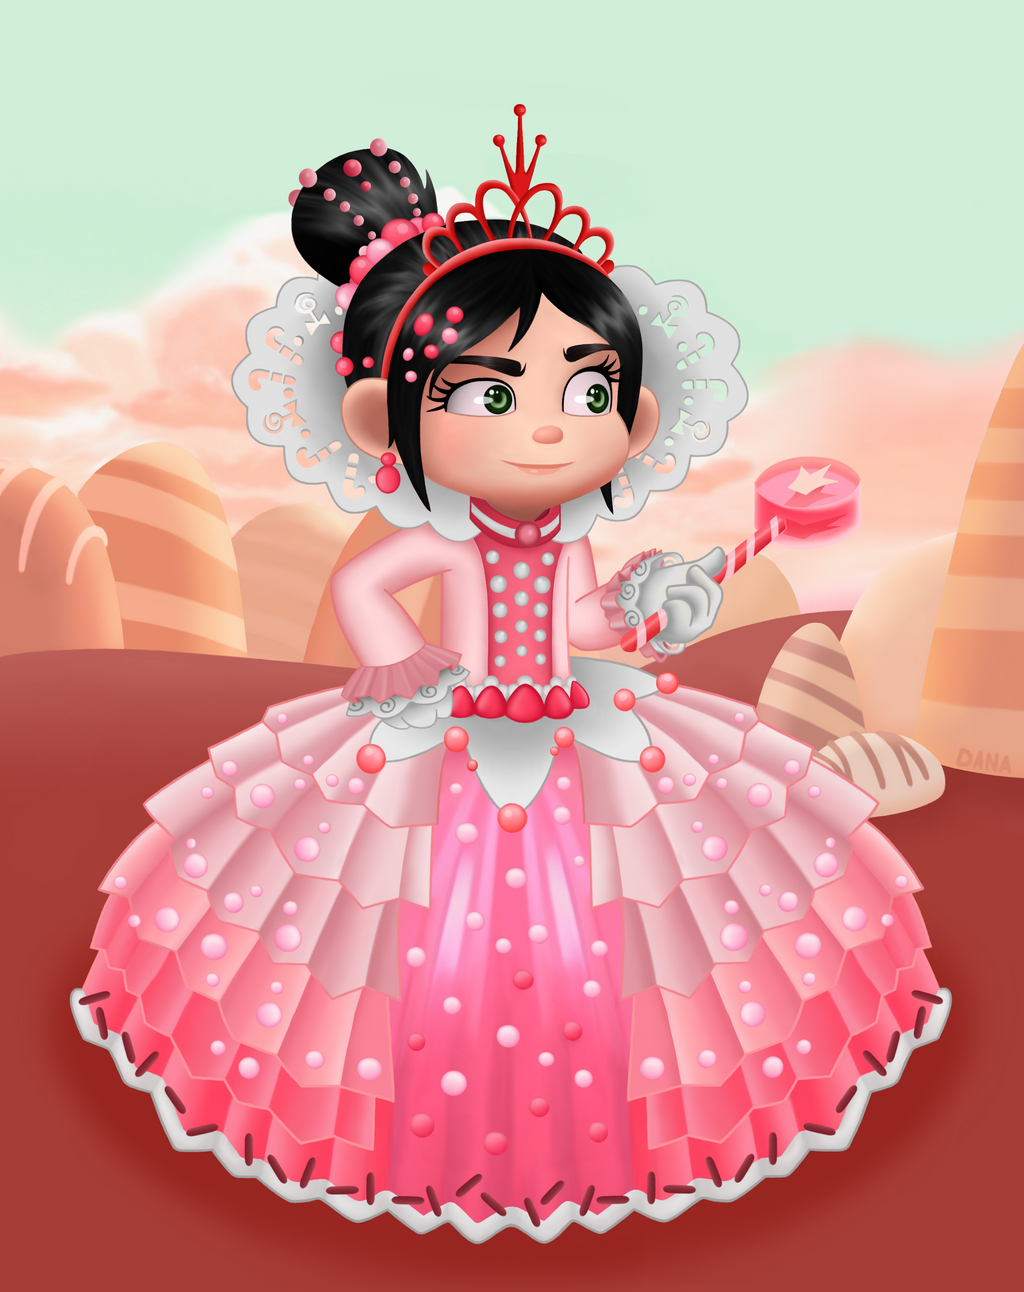 Princess Vanellope Von Schweetz by Hymo on DeviantArt